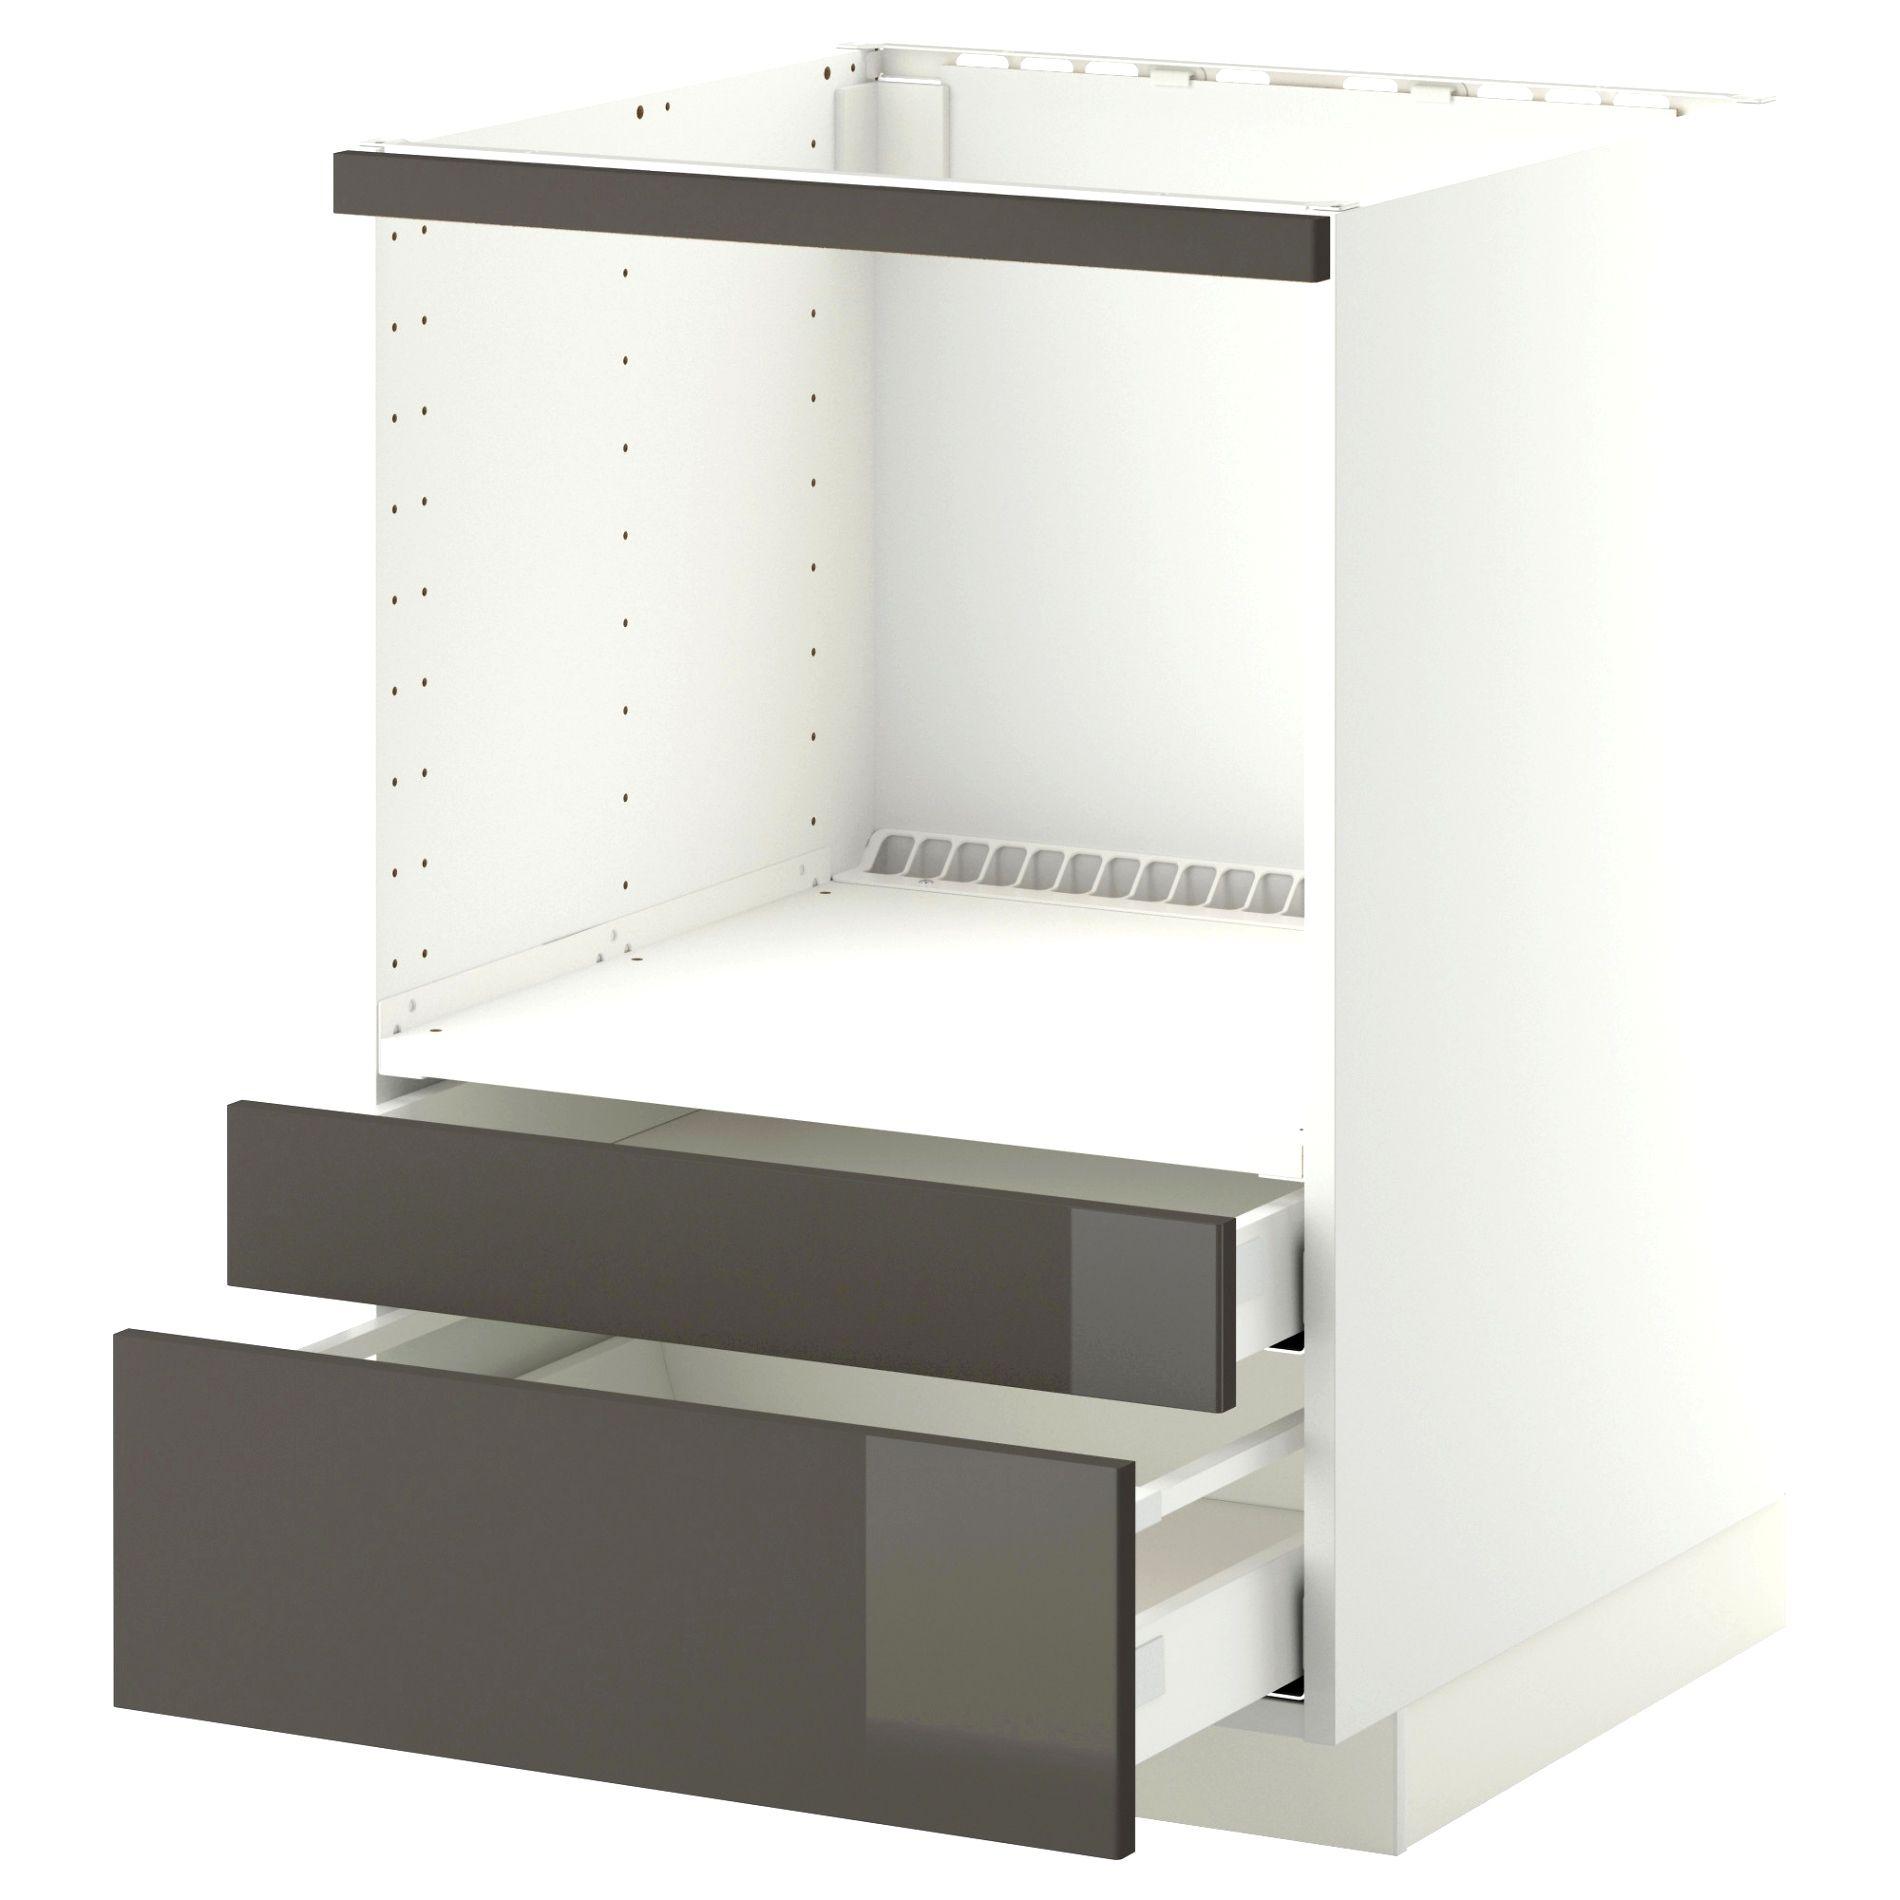 Petit Meuble Cuisine Ikea Gallery Meuble Dossier Suspendu Mobilier De Salon Meuble Cuisine